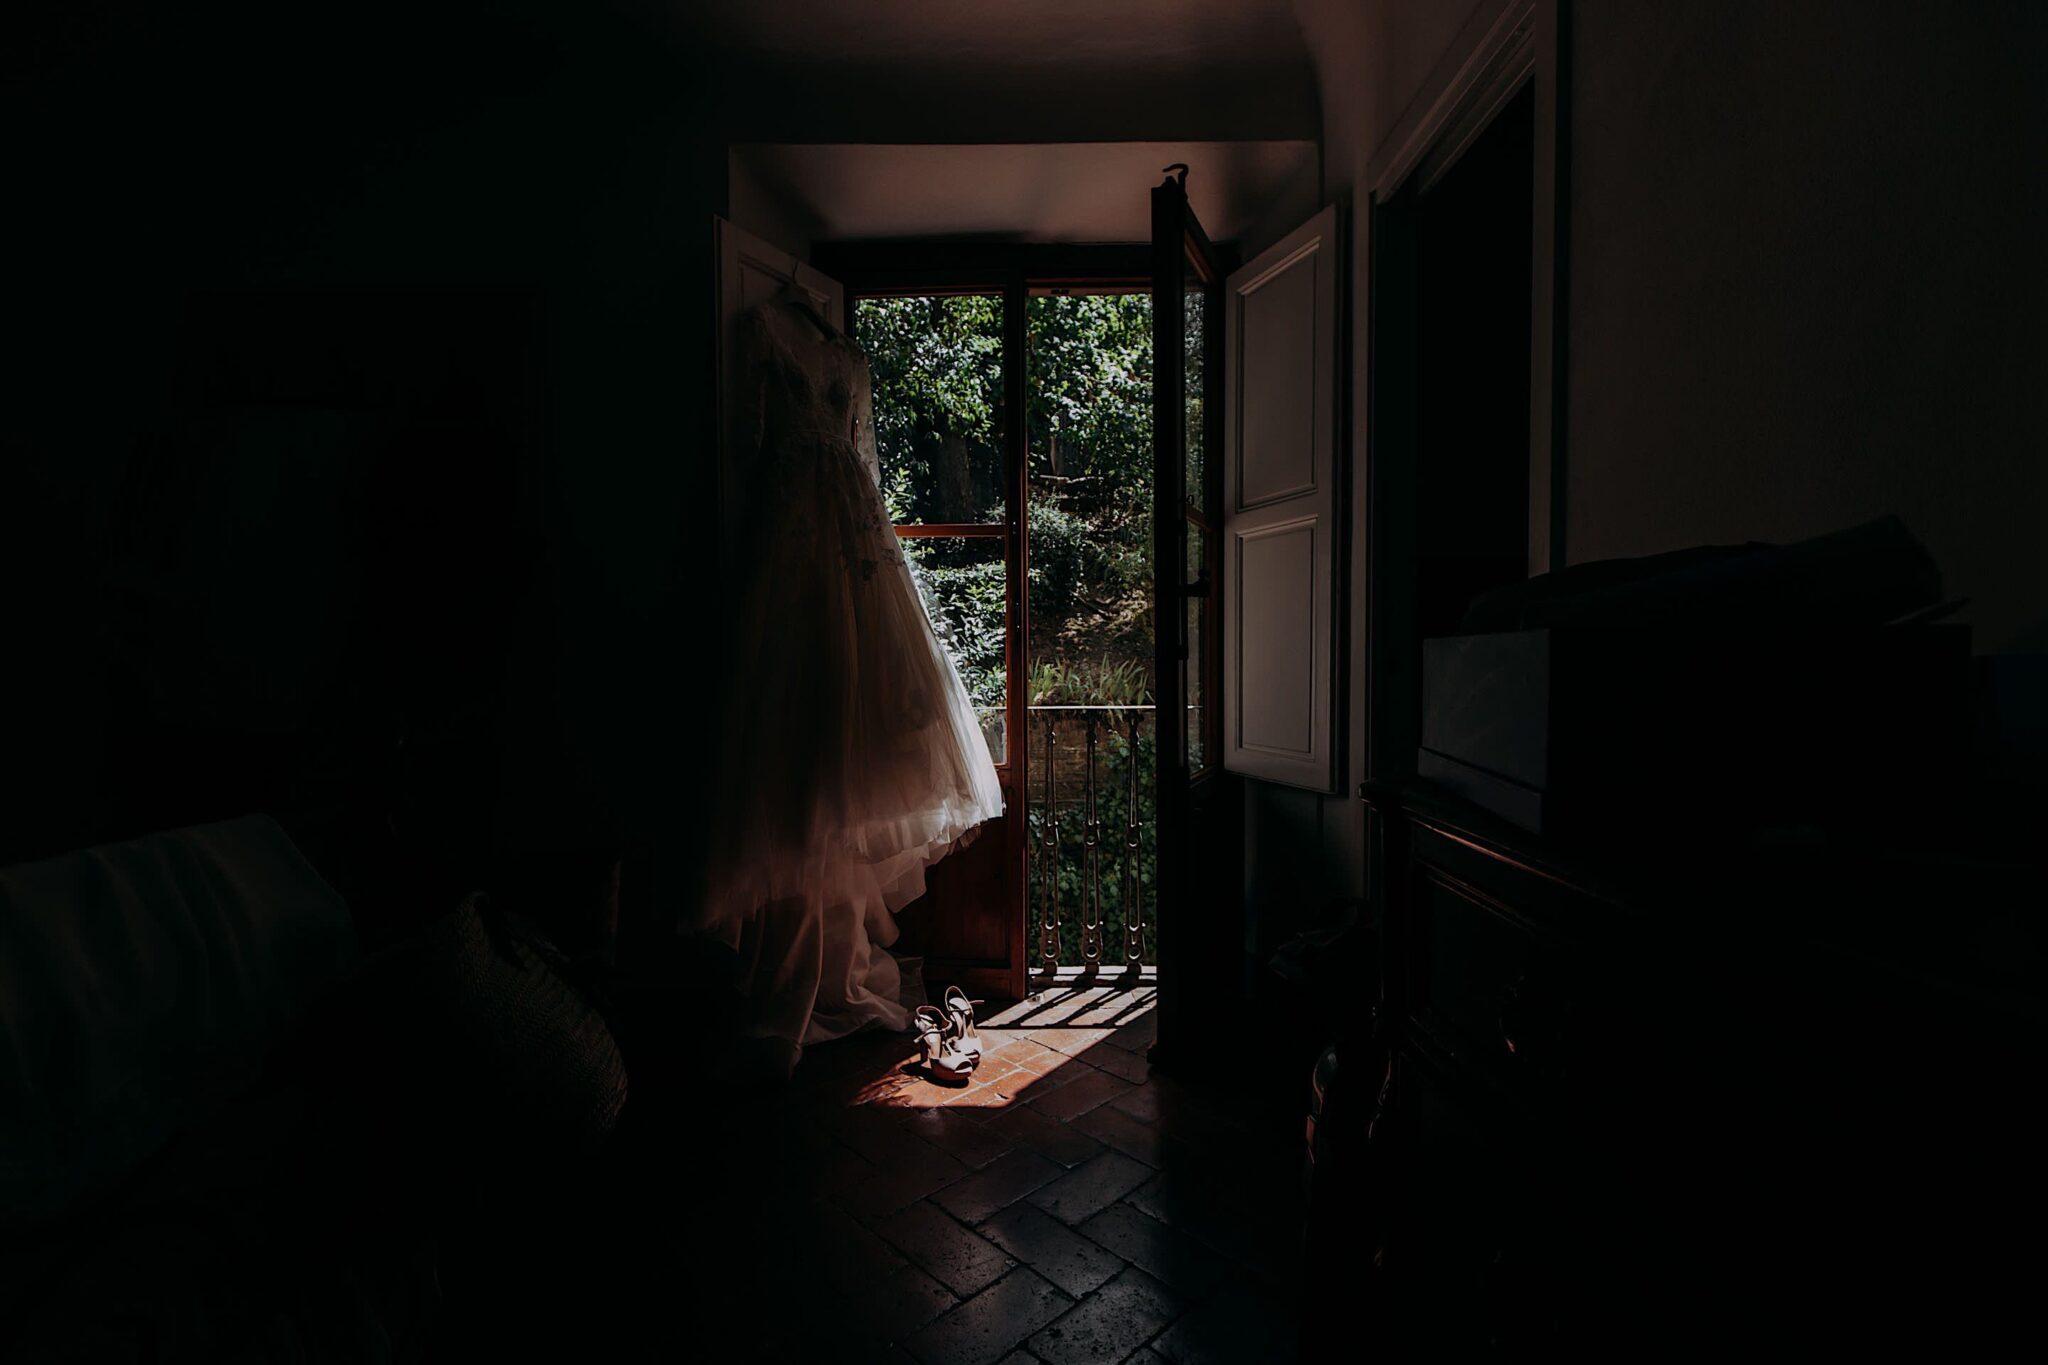 abito della sposa durante i preparativi